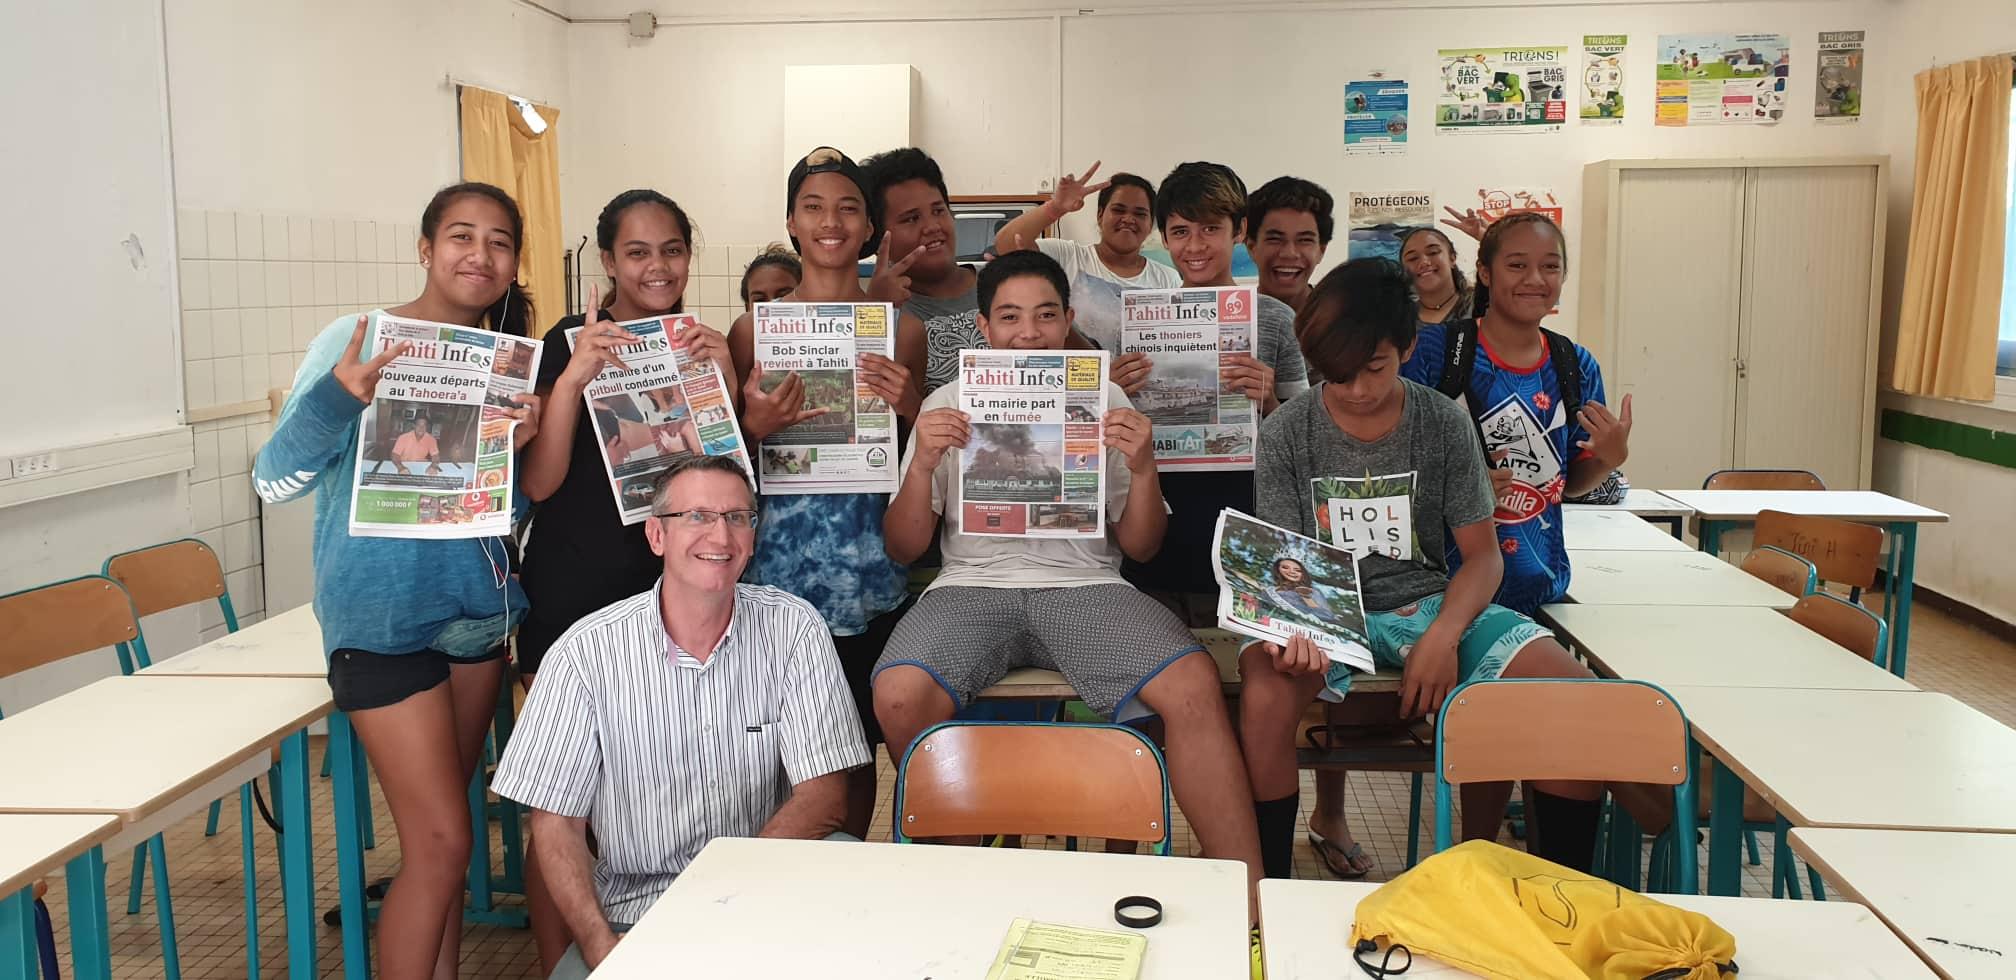 Les élèves du collège Henri Hiro met en avant votre journal gratuit